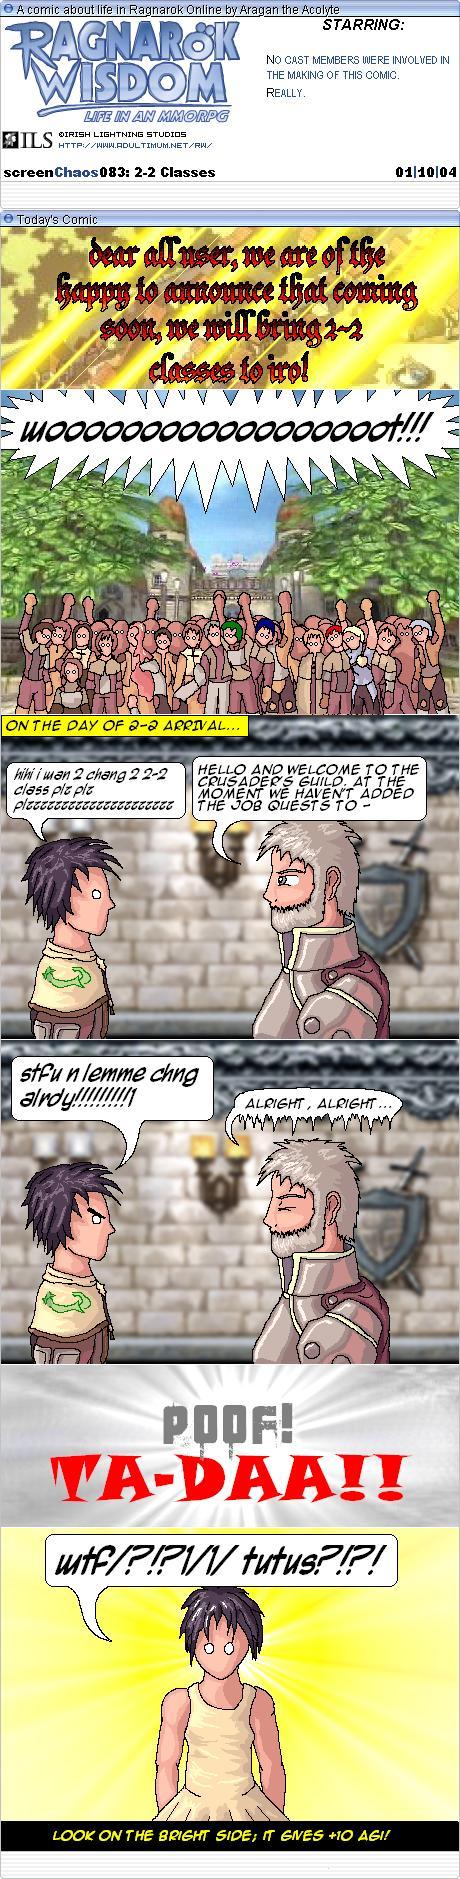 Comic #91